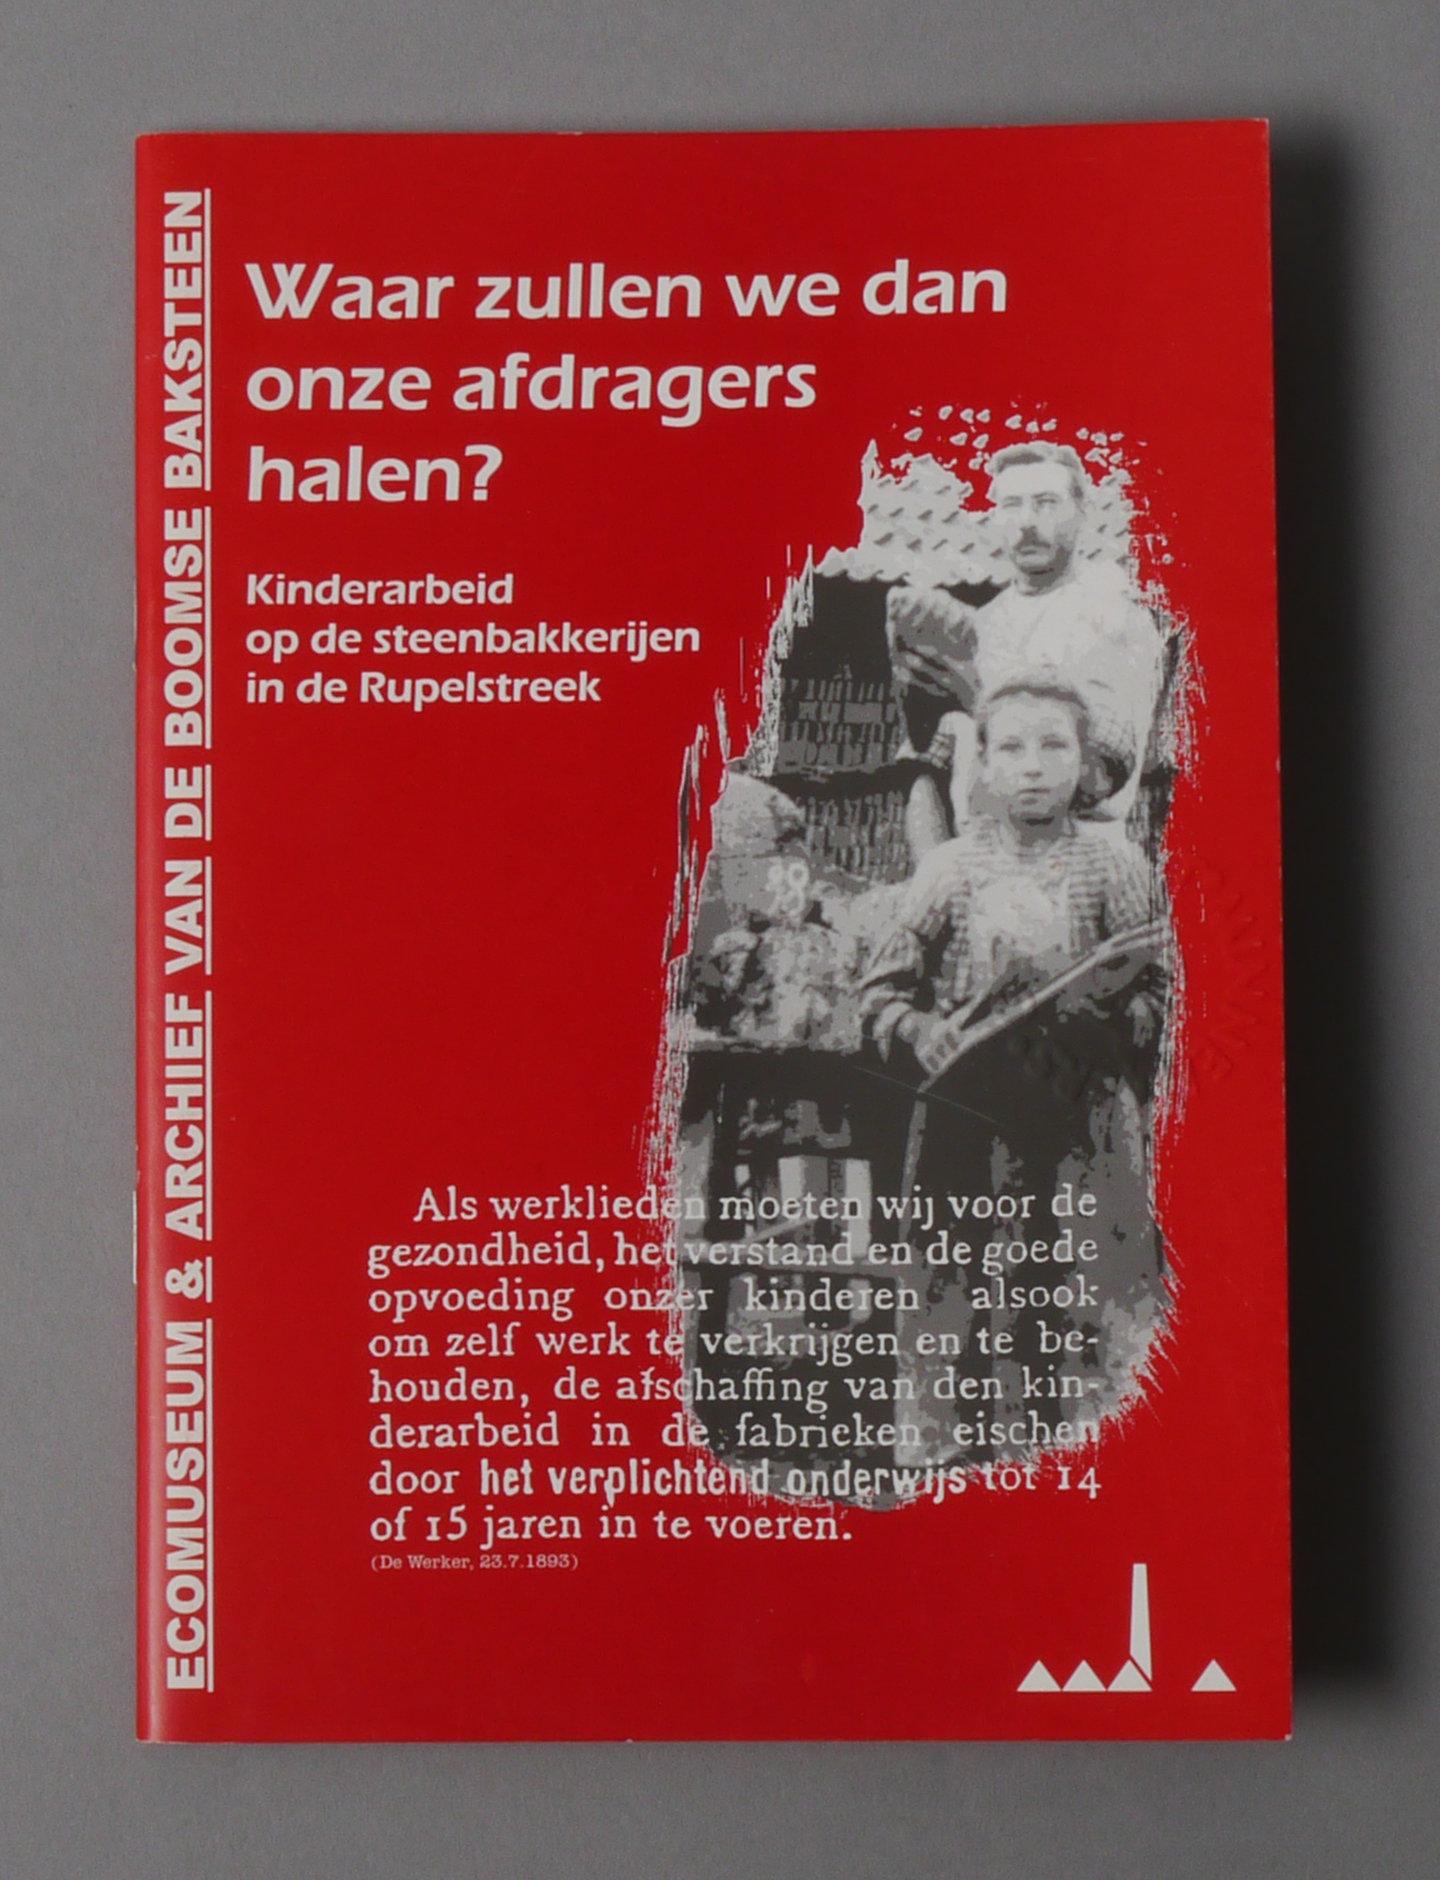 Waar Zullen We Dan Onze Afdragers Halen? Kinderarbeid Op De Steenbakkerijen In De Rupelstreek.